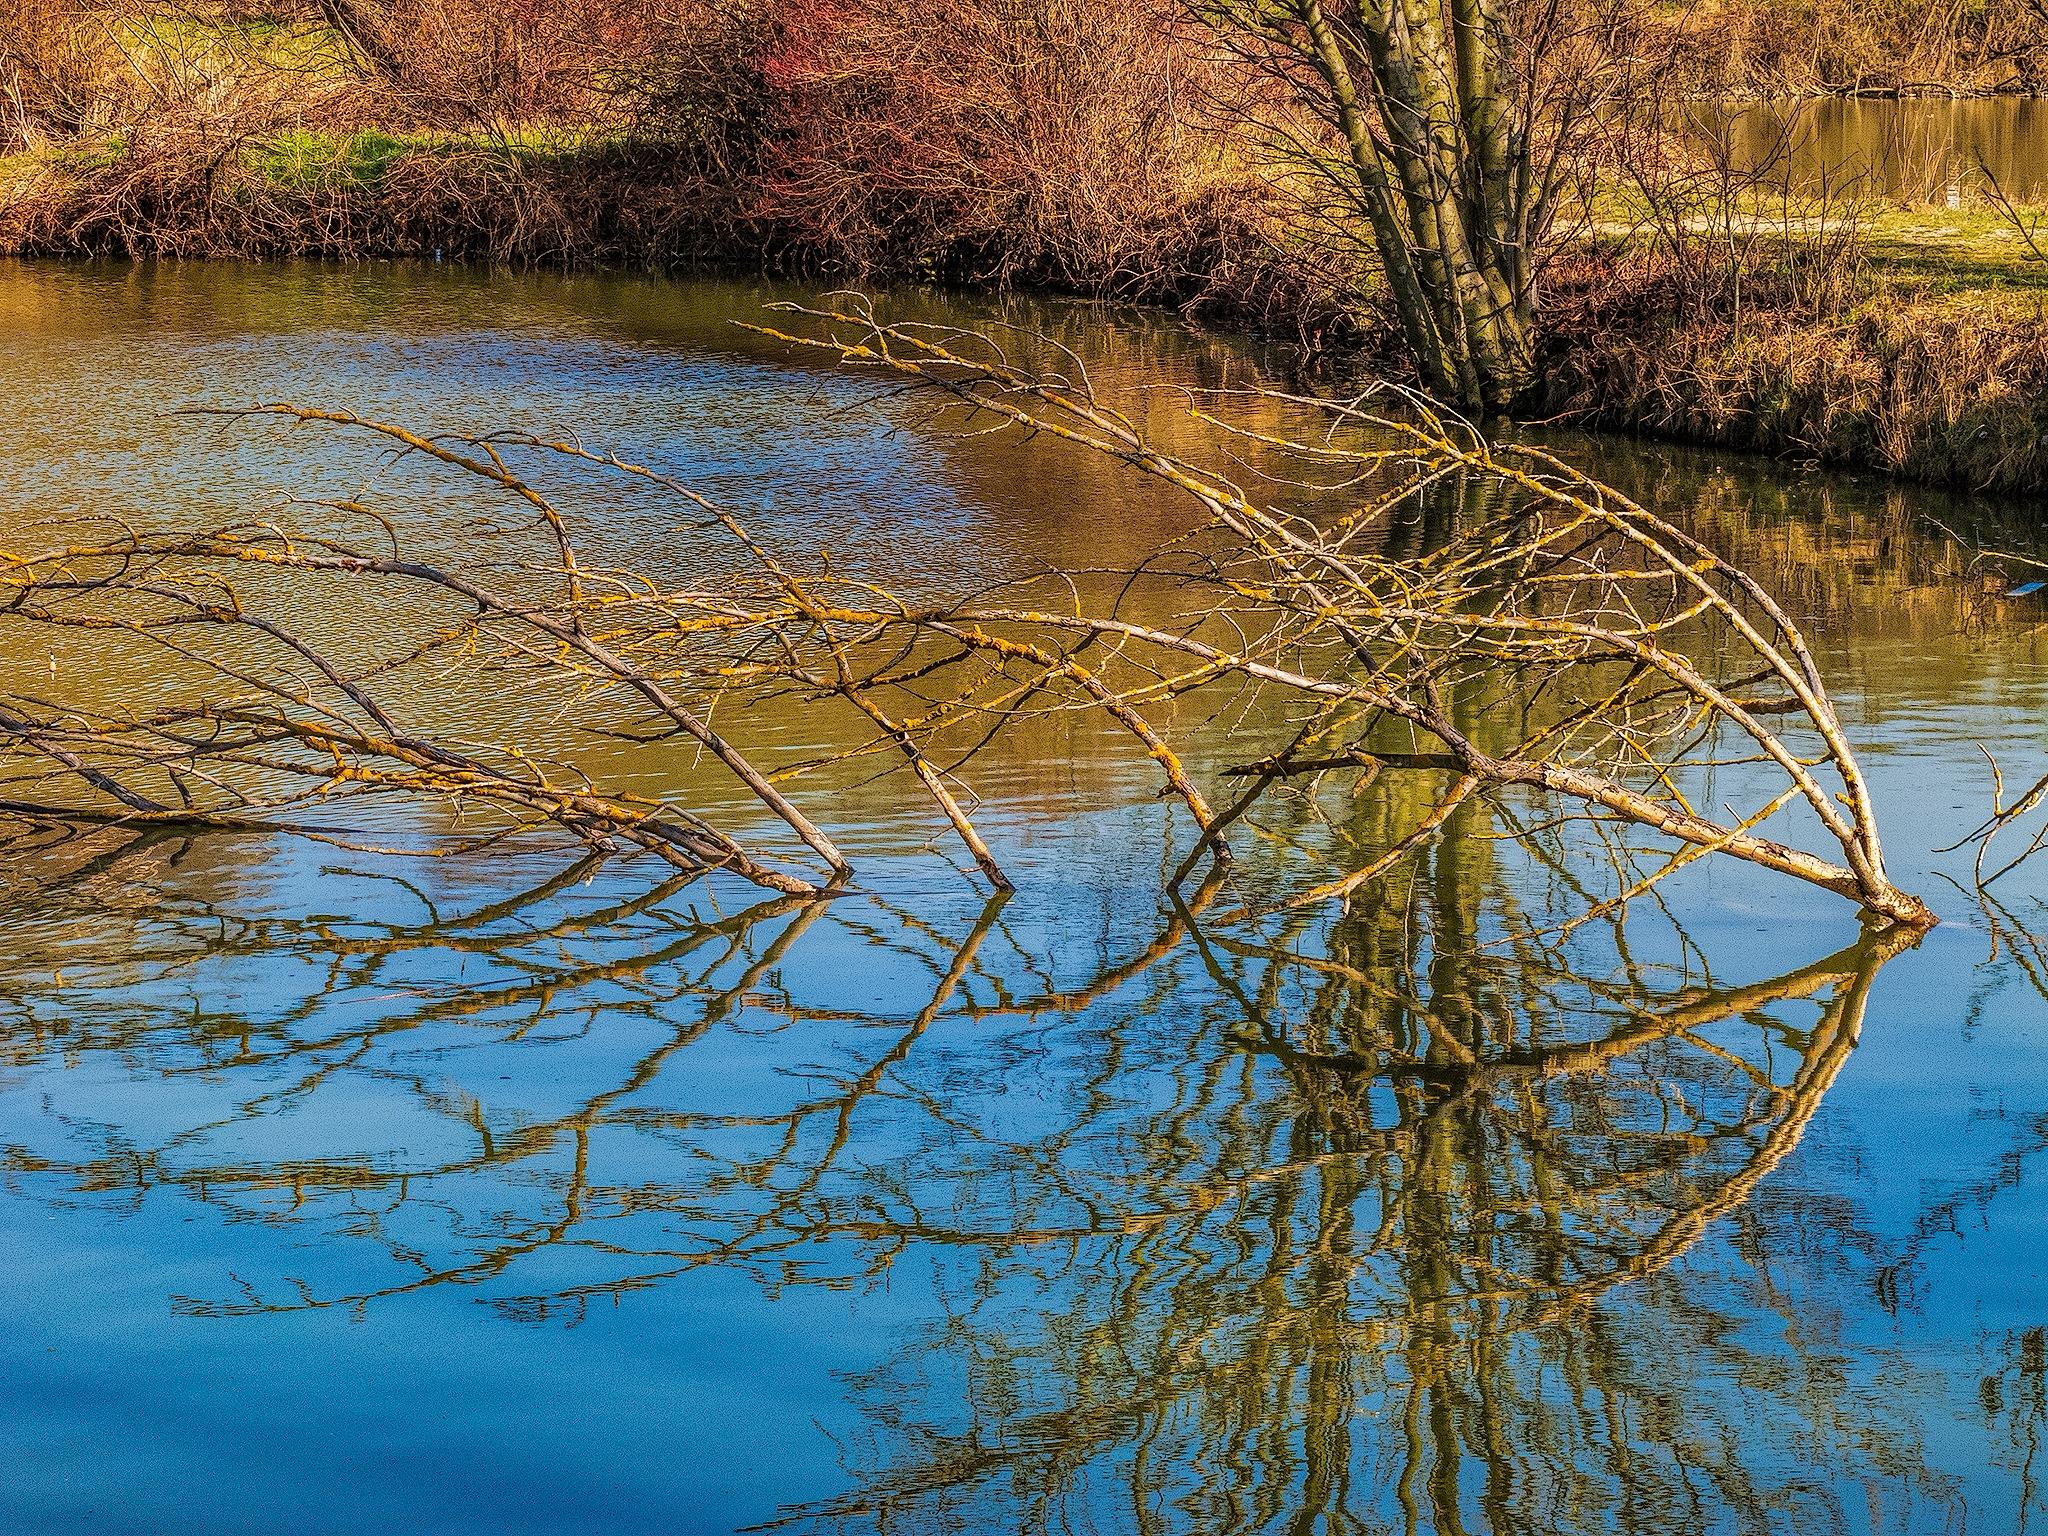 Fall Reflection by Herbert Stachelberger